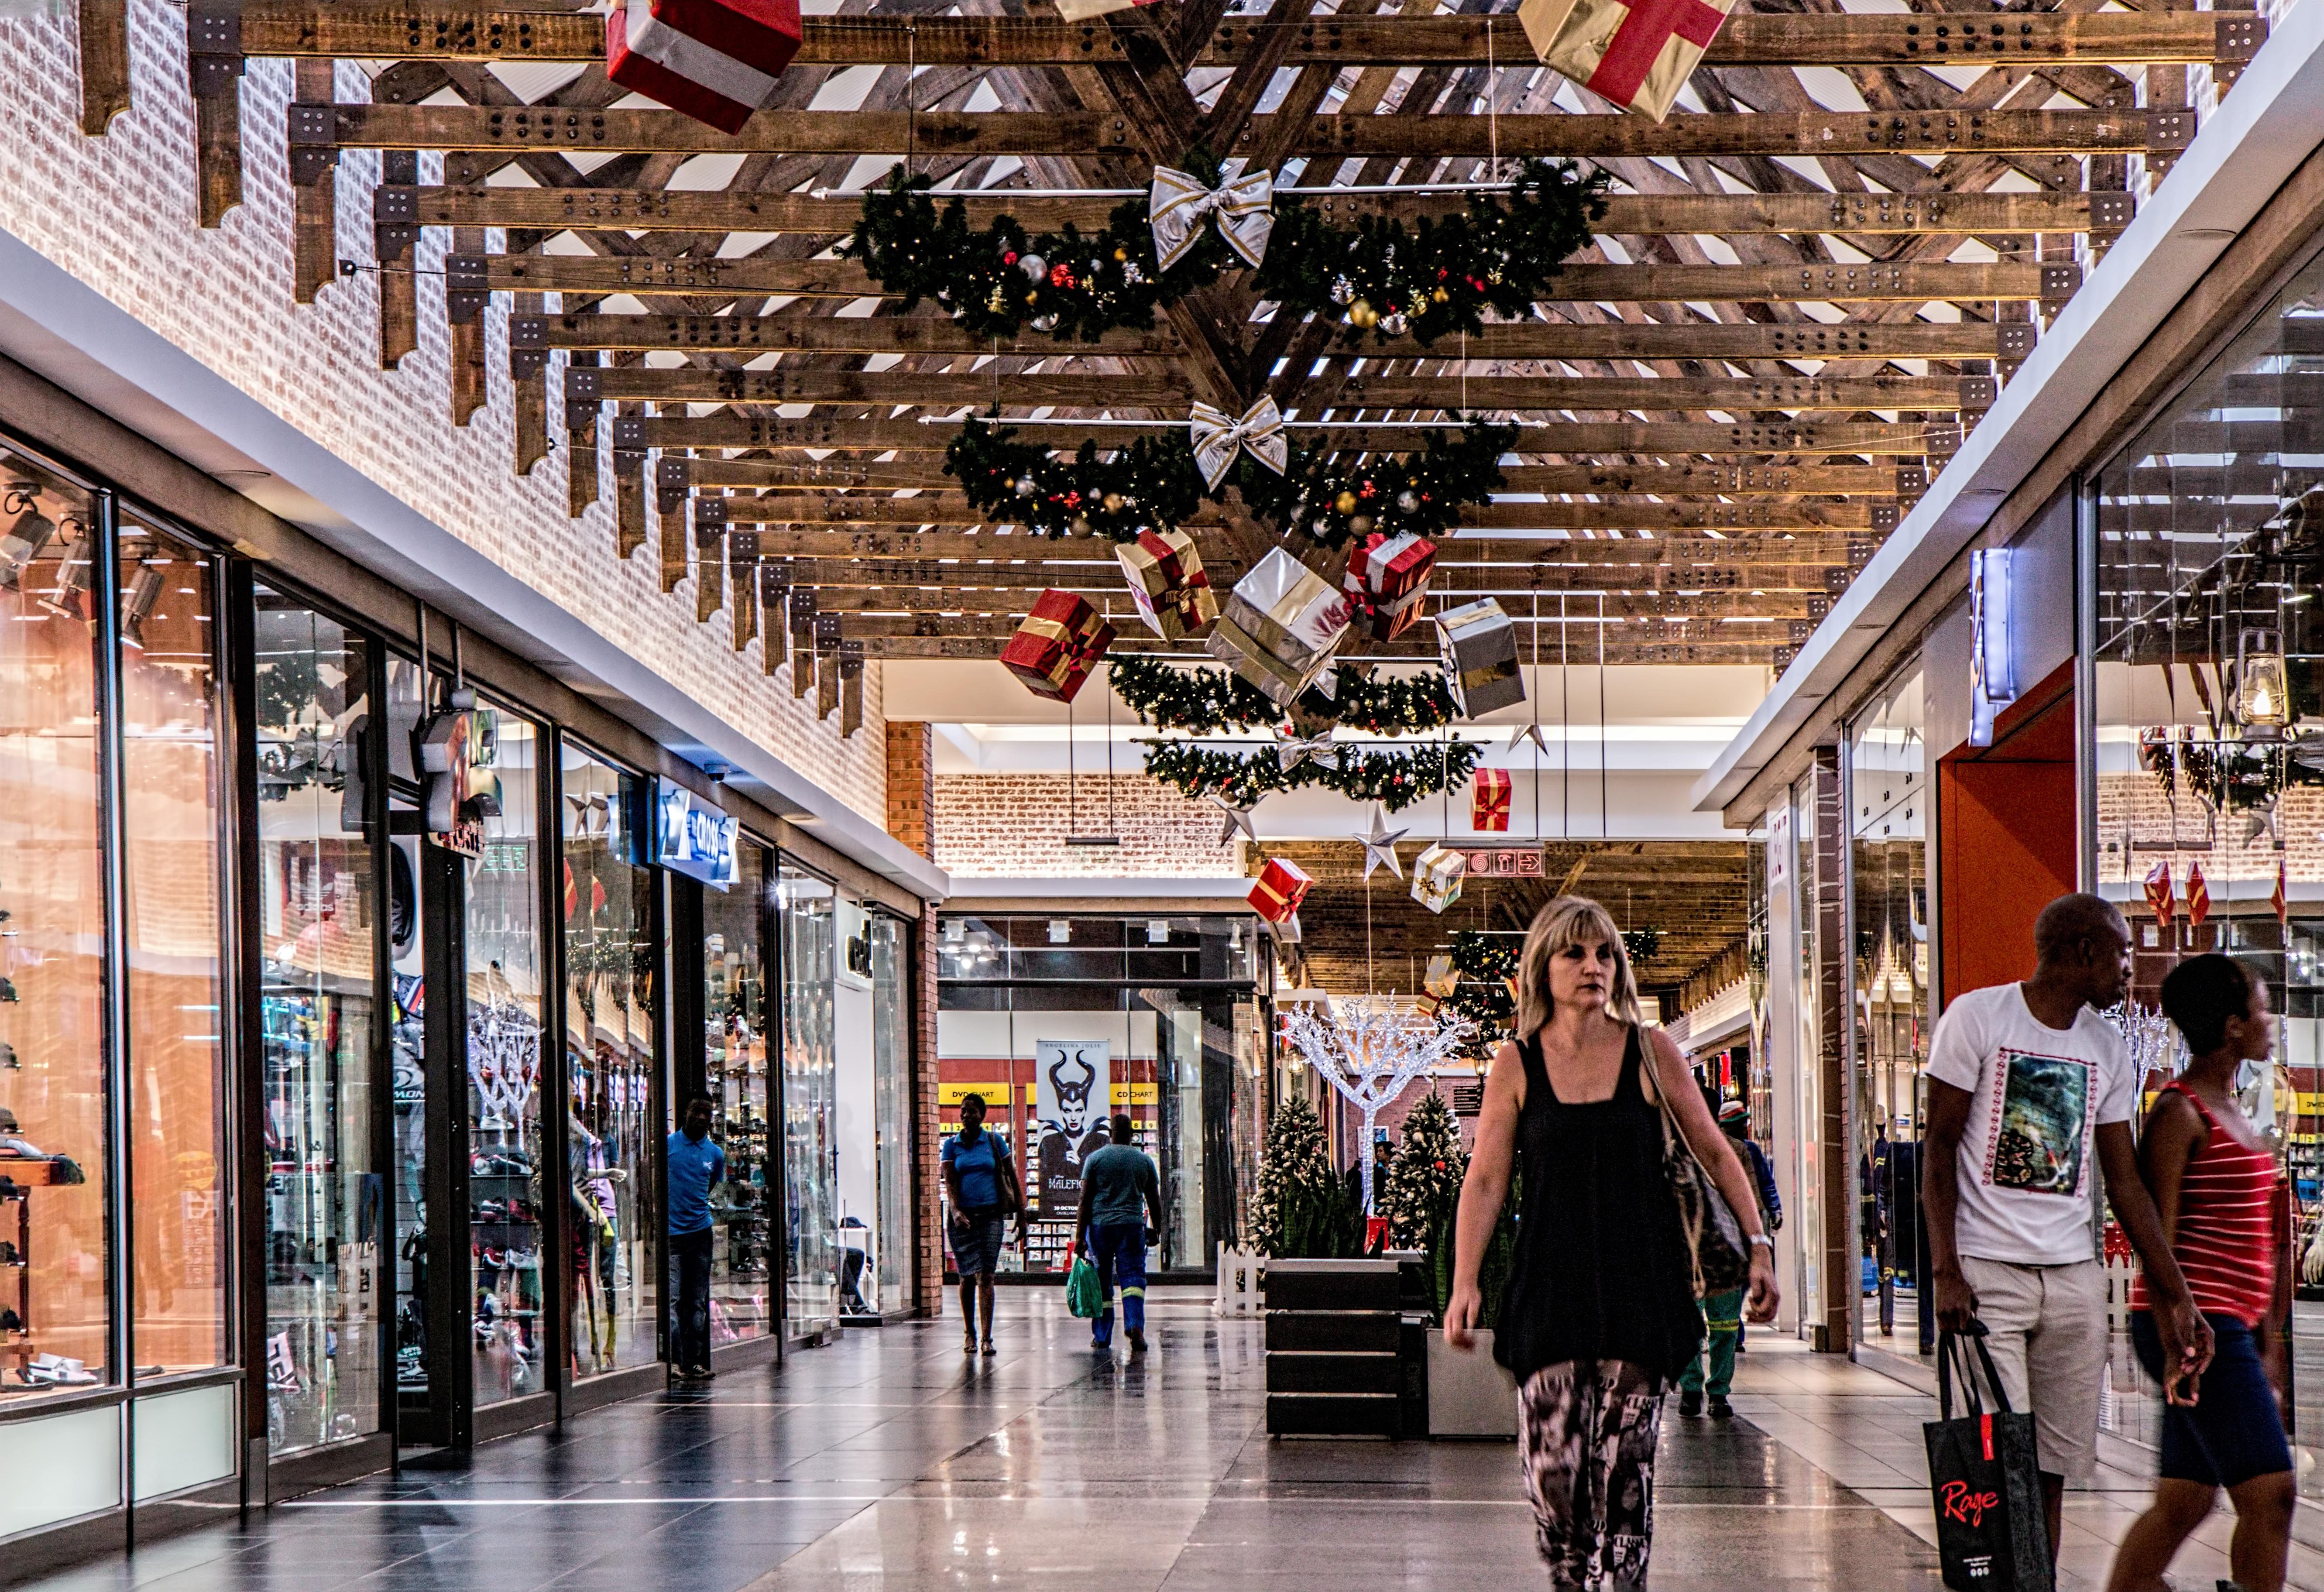 Free Images Woman Building Shop Plaza Tourism Merchandise